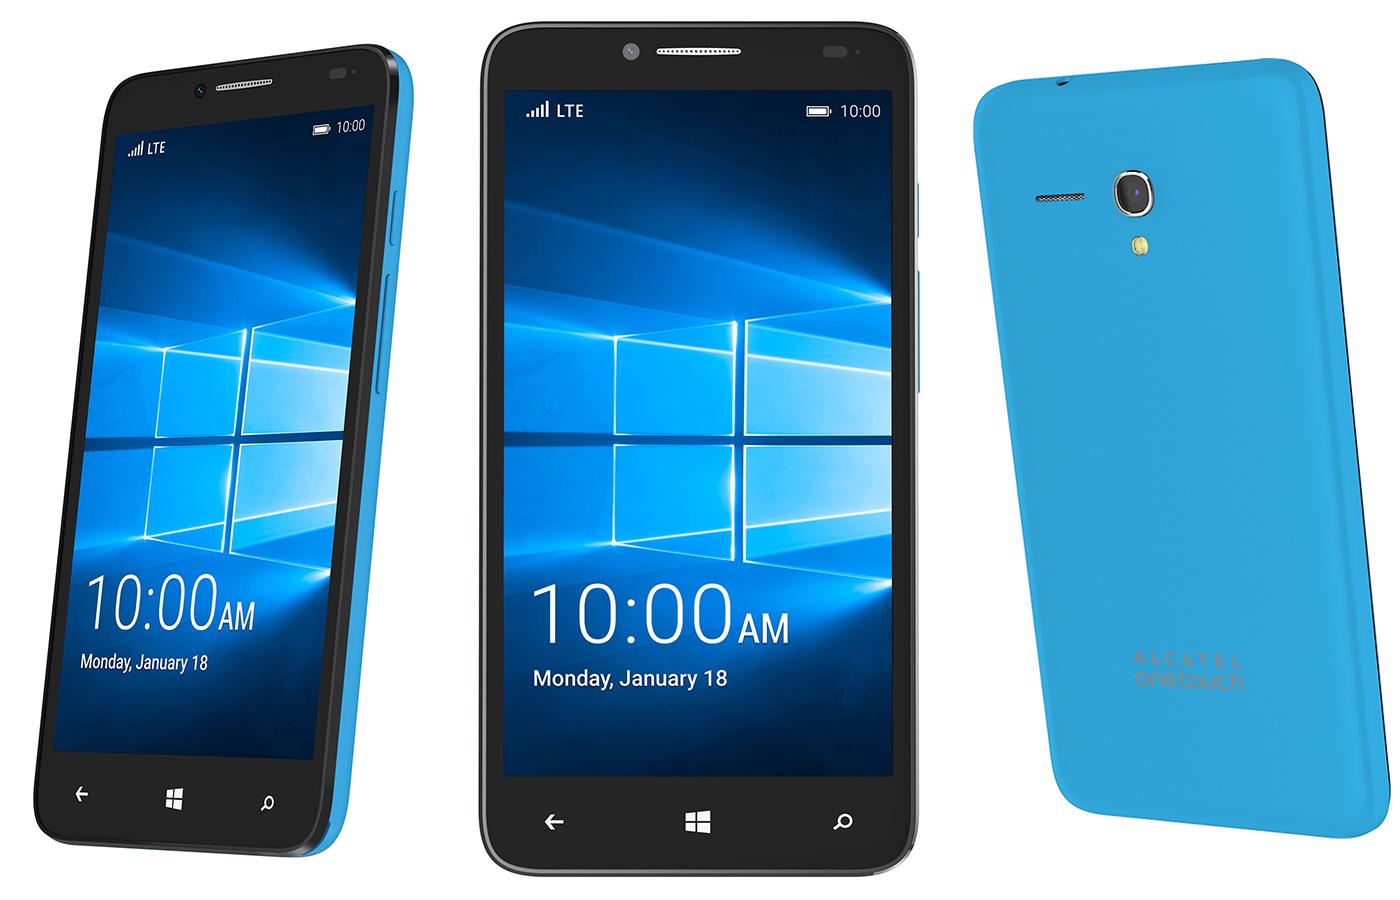 Yeni Fierce XL : Büyük ve Ucuz Windows 10 Mobile Cep Telefonu